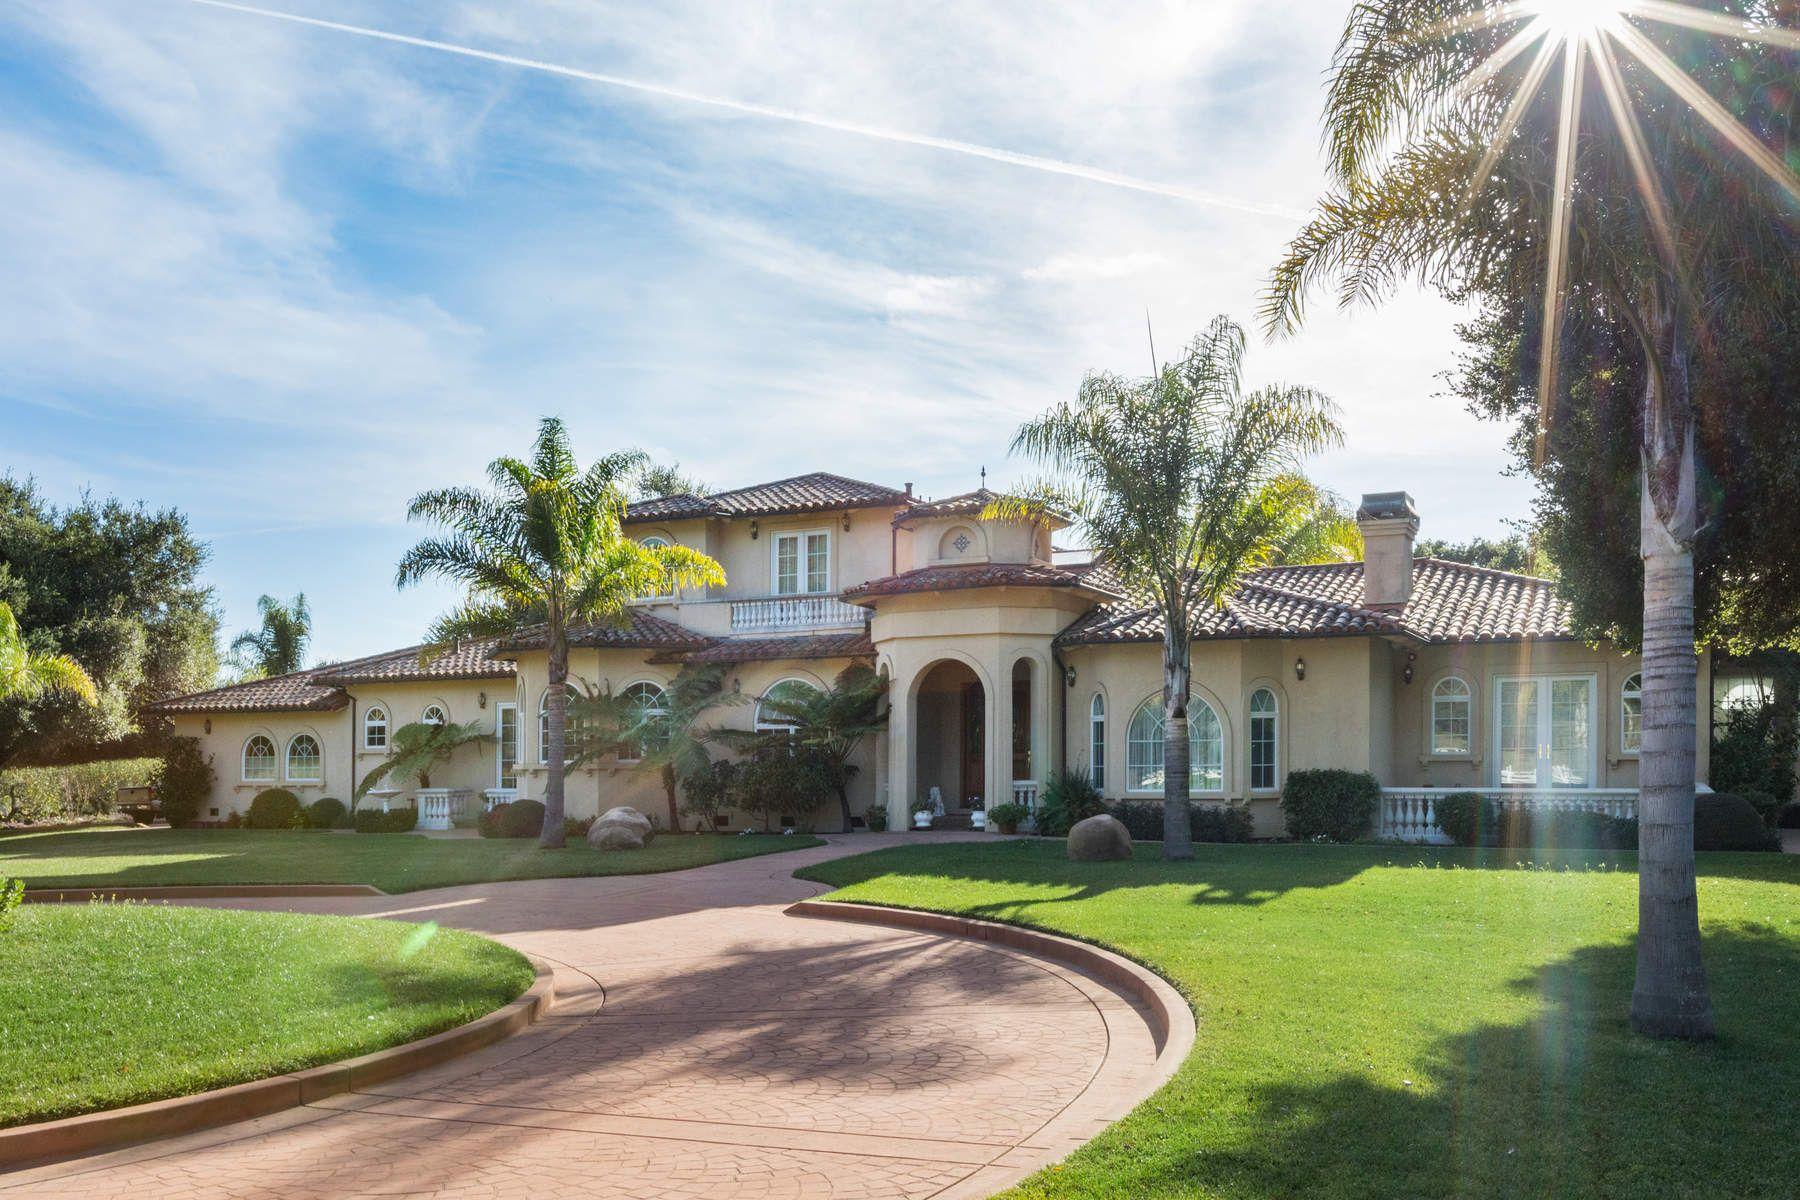 Частный односемейный дом для того Продажа на Fabulous Country Estate of 60+ acres 120 Hazel Dell Heights Watsonville, Калифорния 95076 Соединенные Штаты